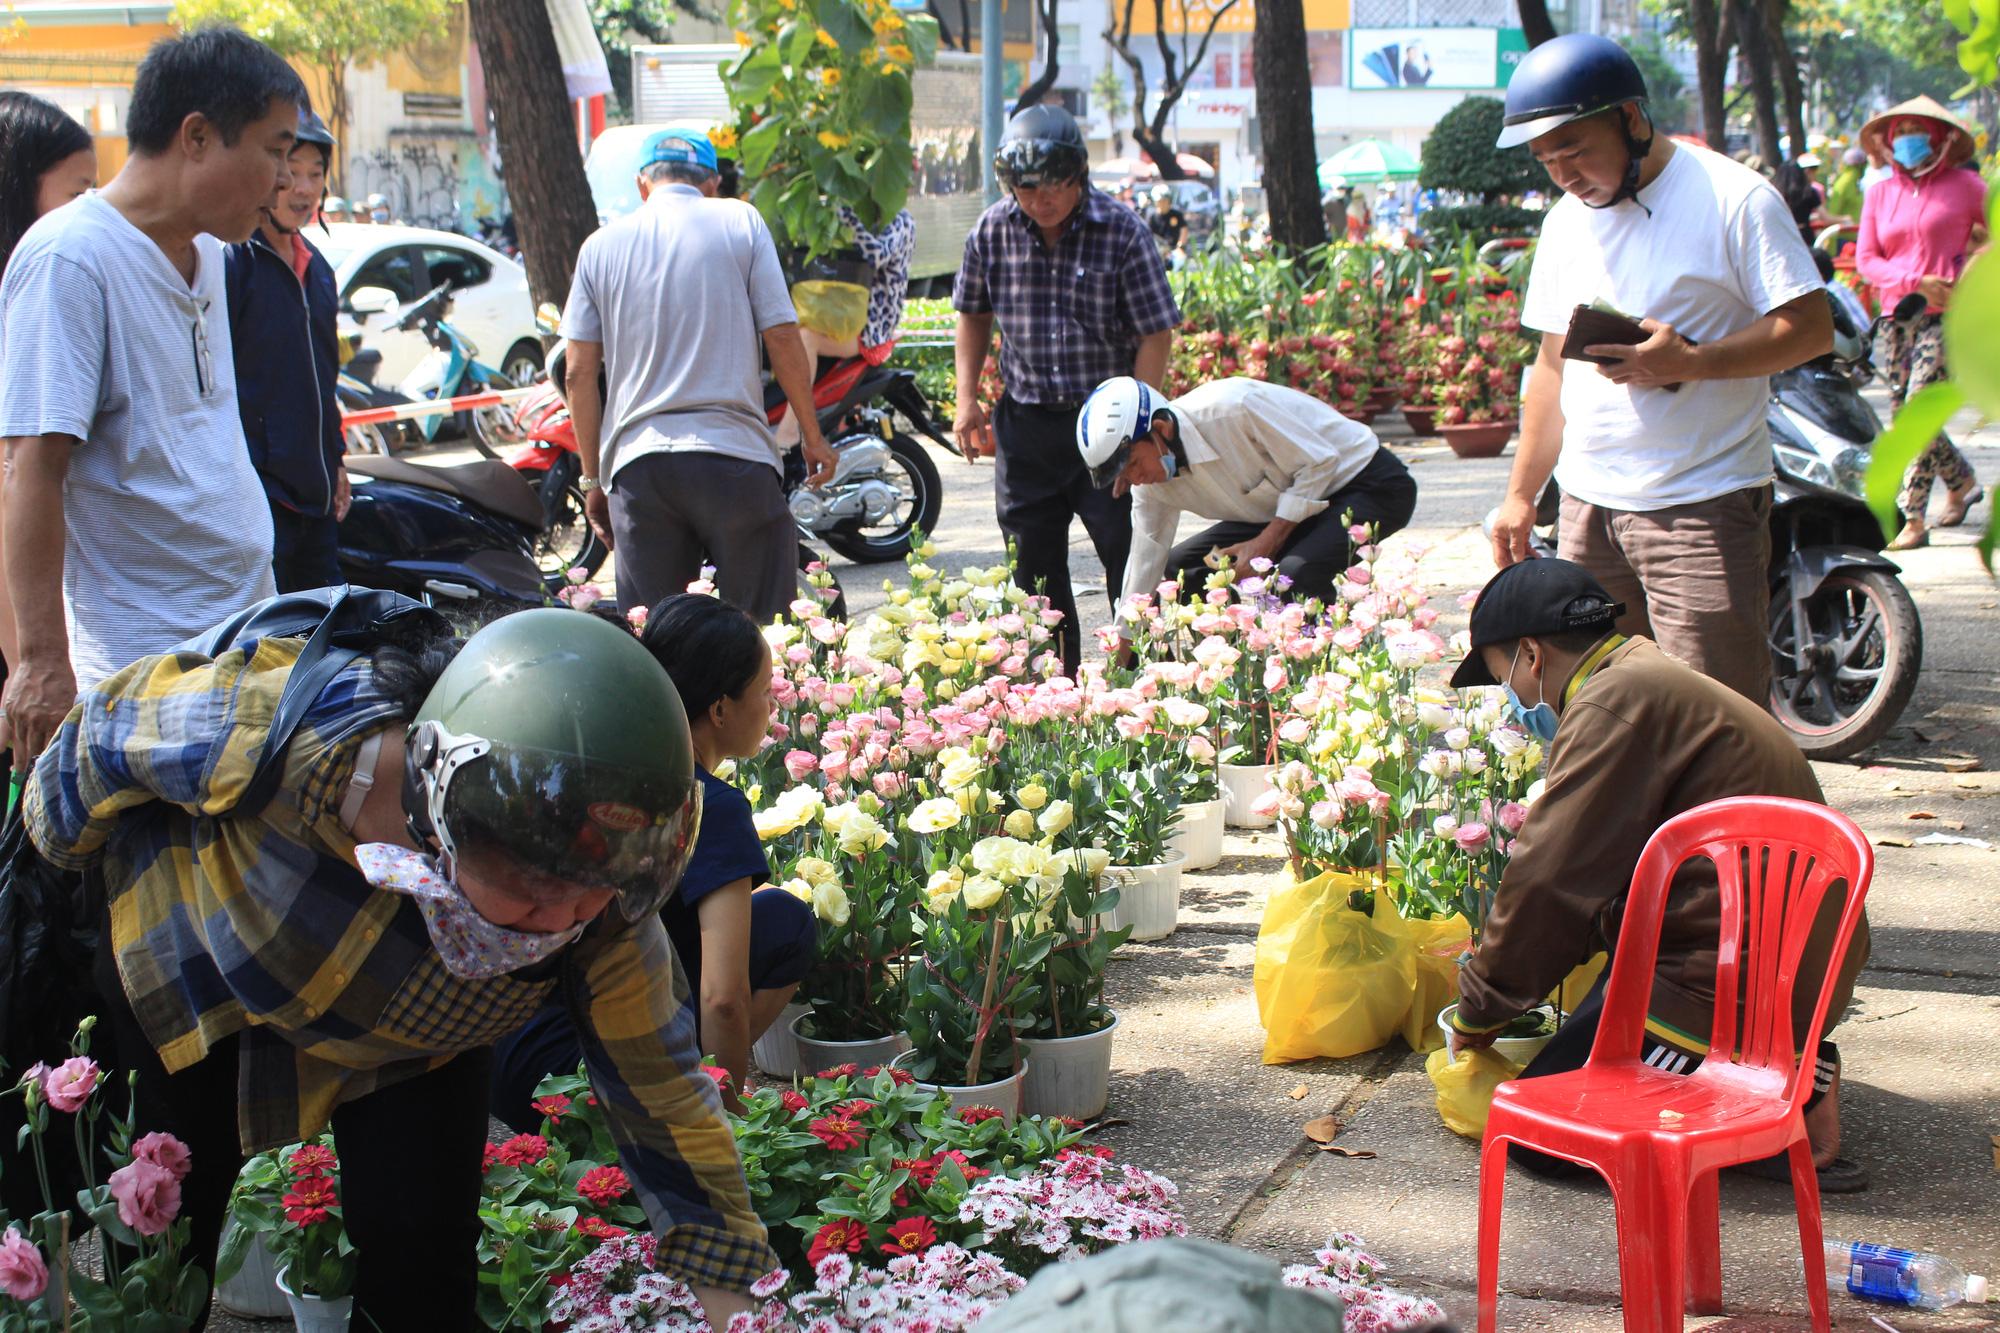 Trưa 30 Tết, mai, đào, hướng dương bán rẻ như cho 50.000 đồng một cây ở chợ hoa Sài Gòn - Ảnh 2.